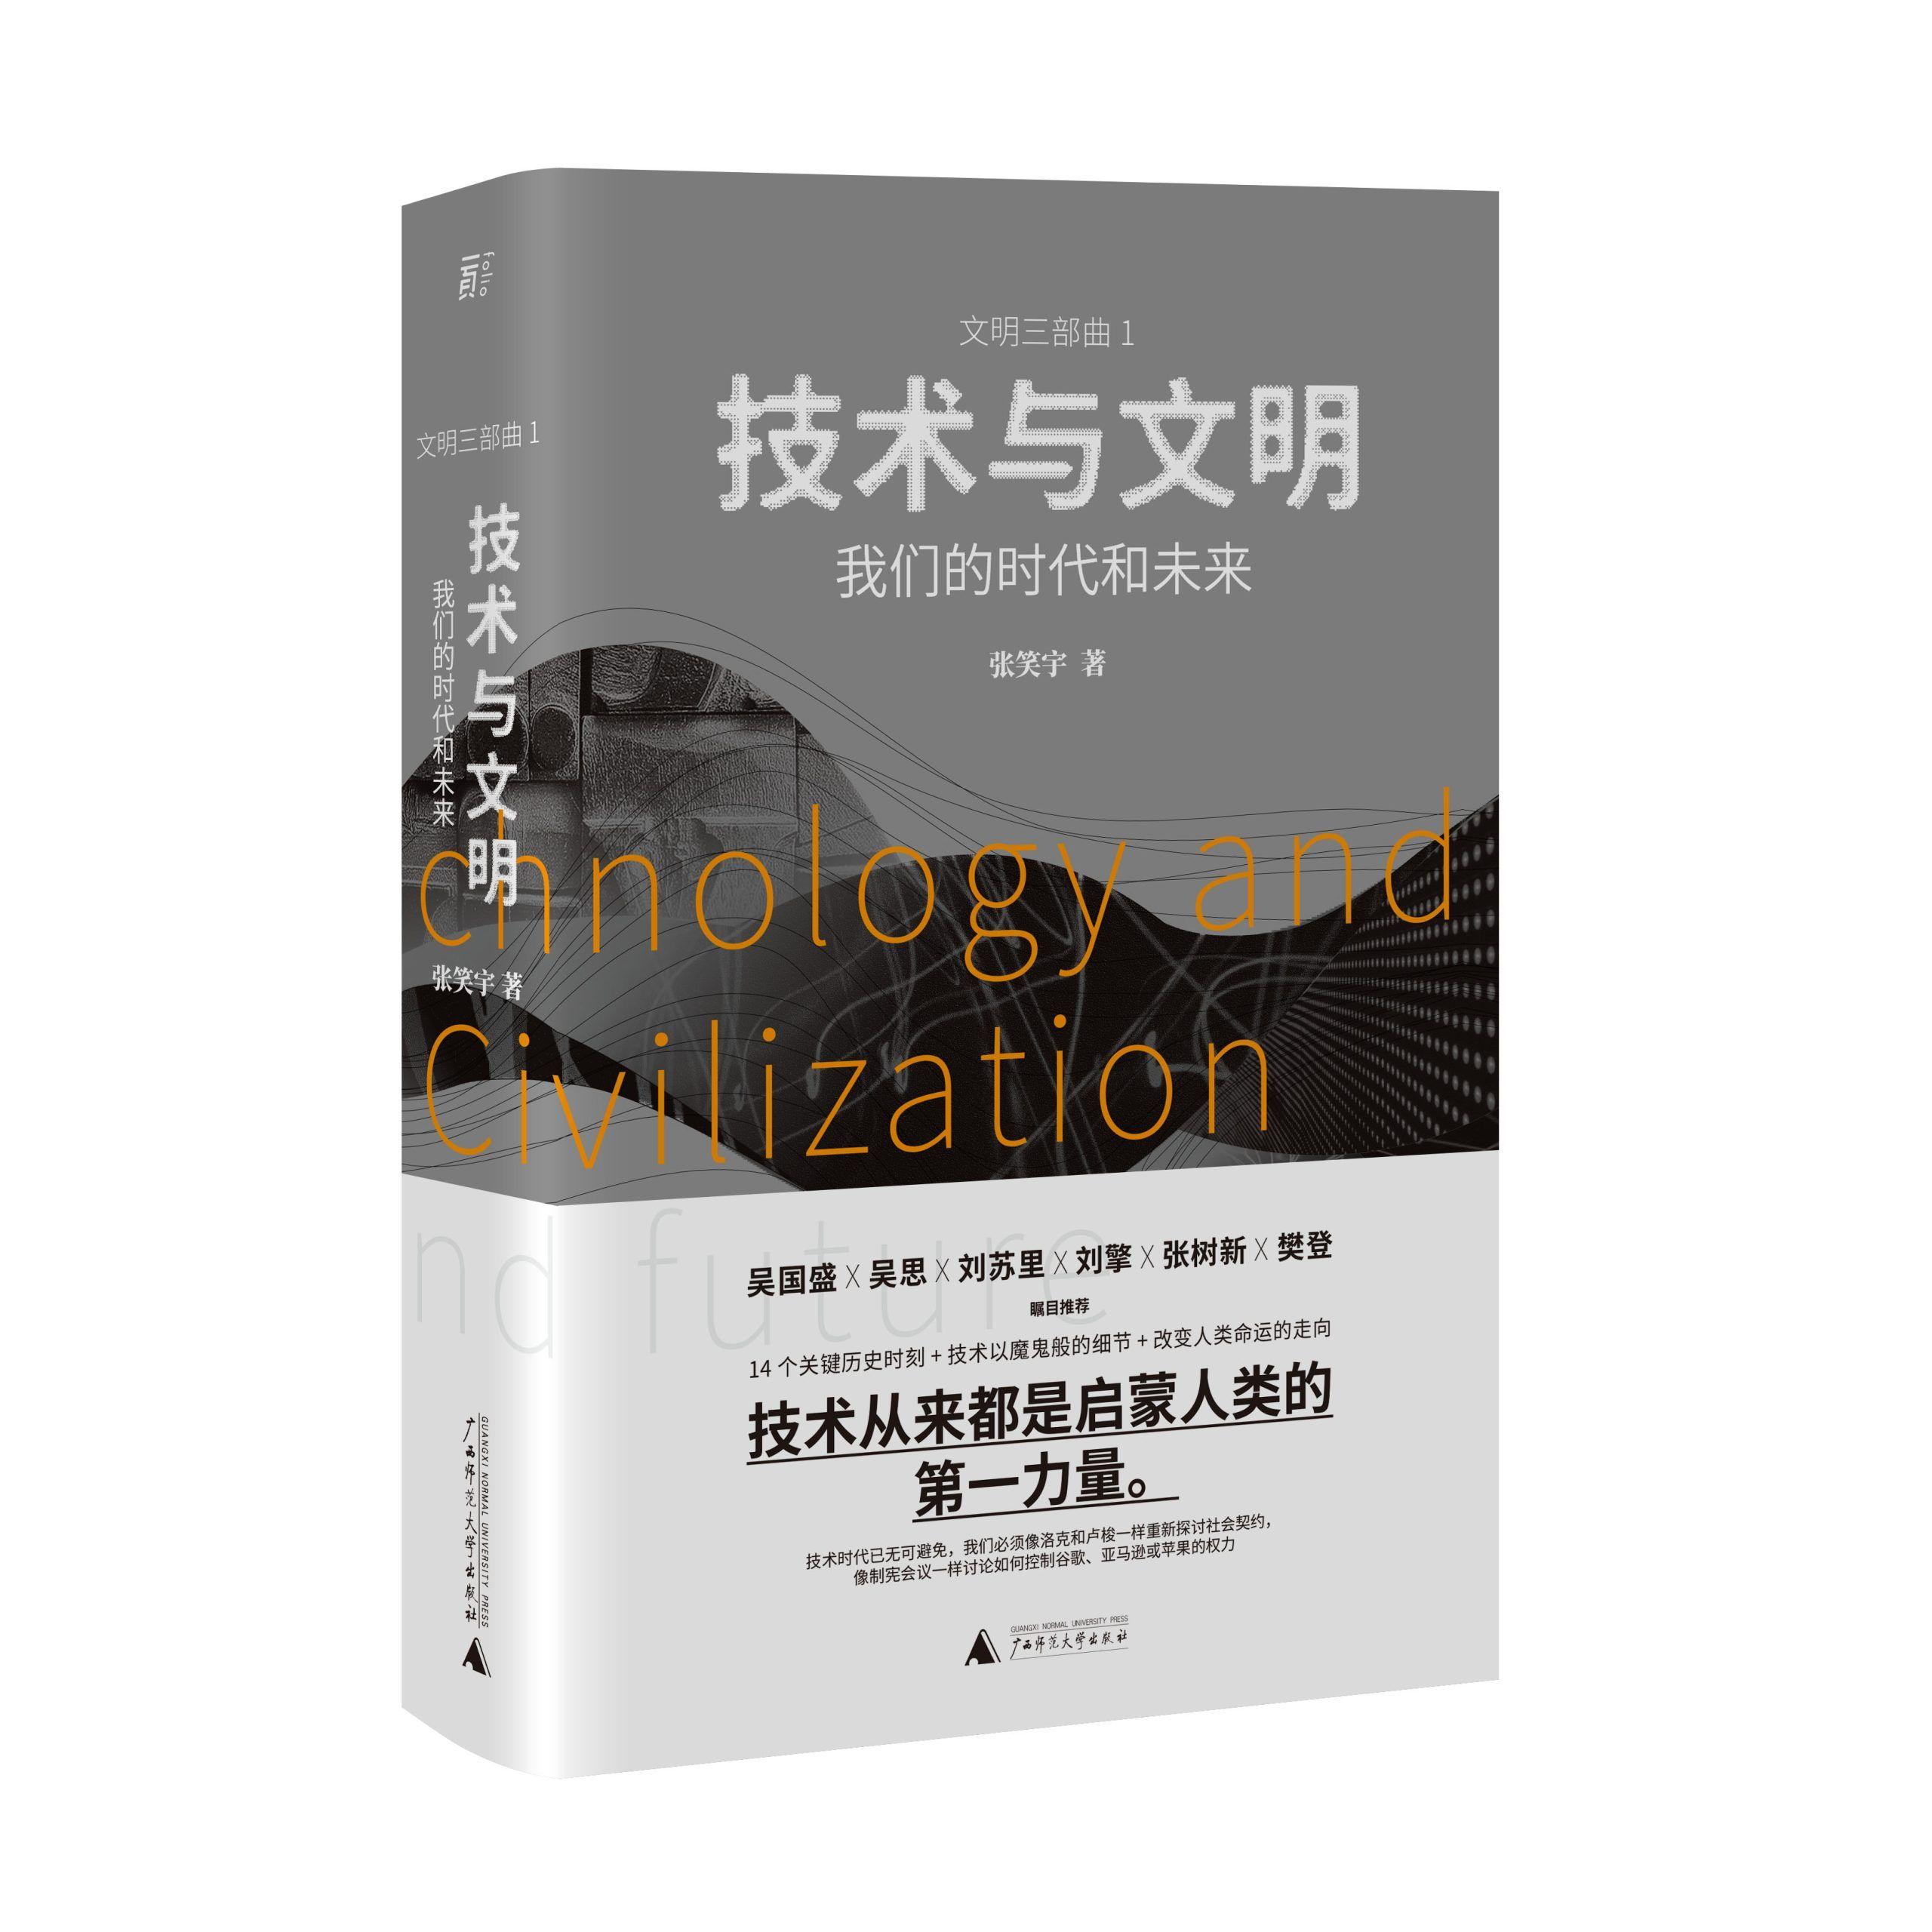 广西师大社《技术与文明》获2021年亚洲图书奖